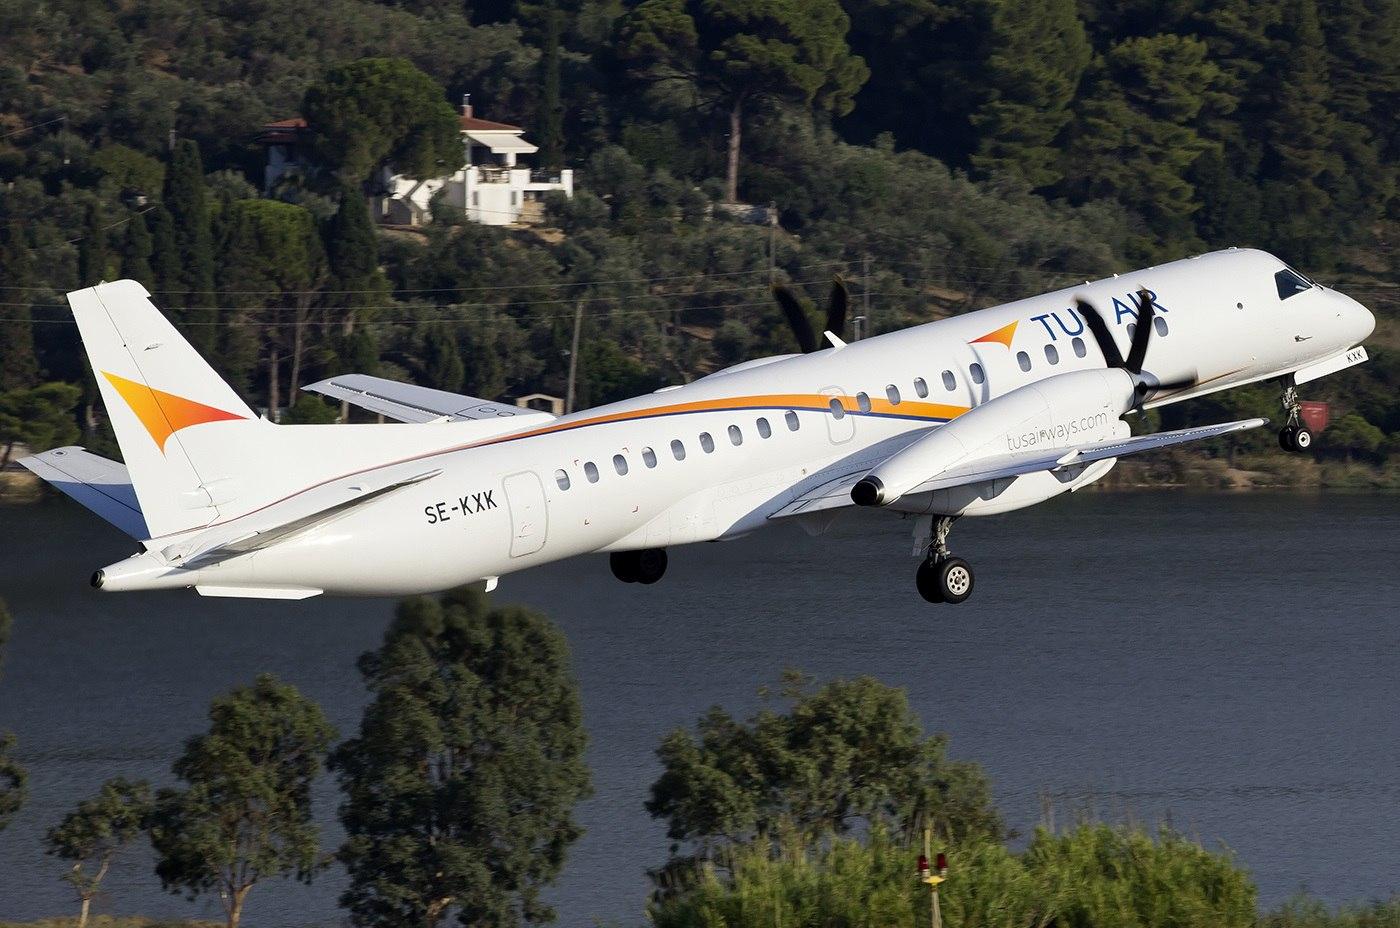 Saab 2000 Tus Airways идет на взлет